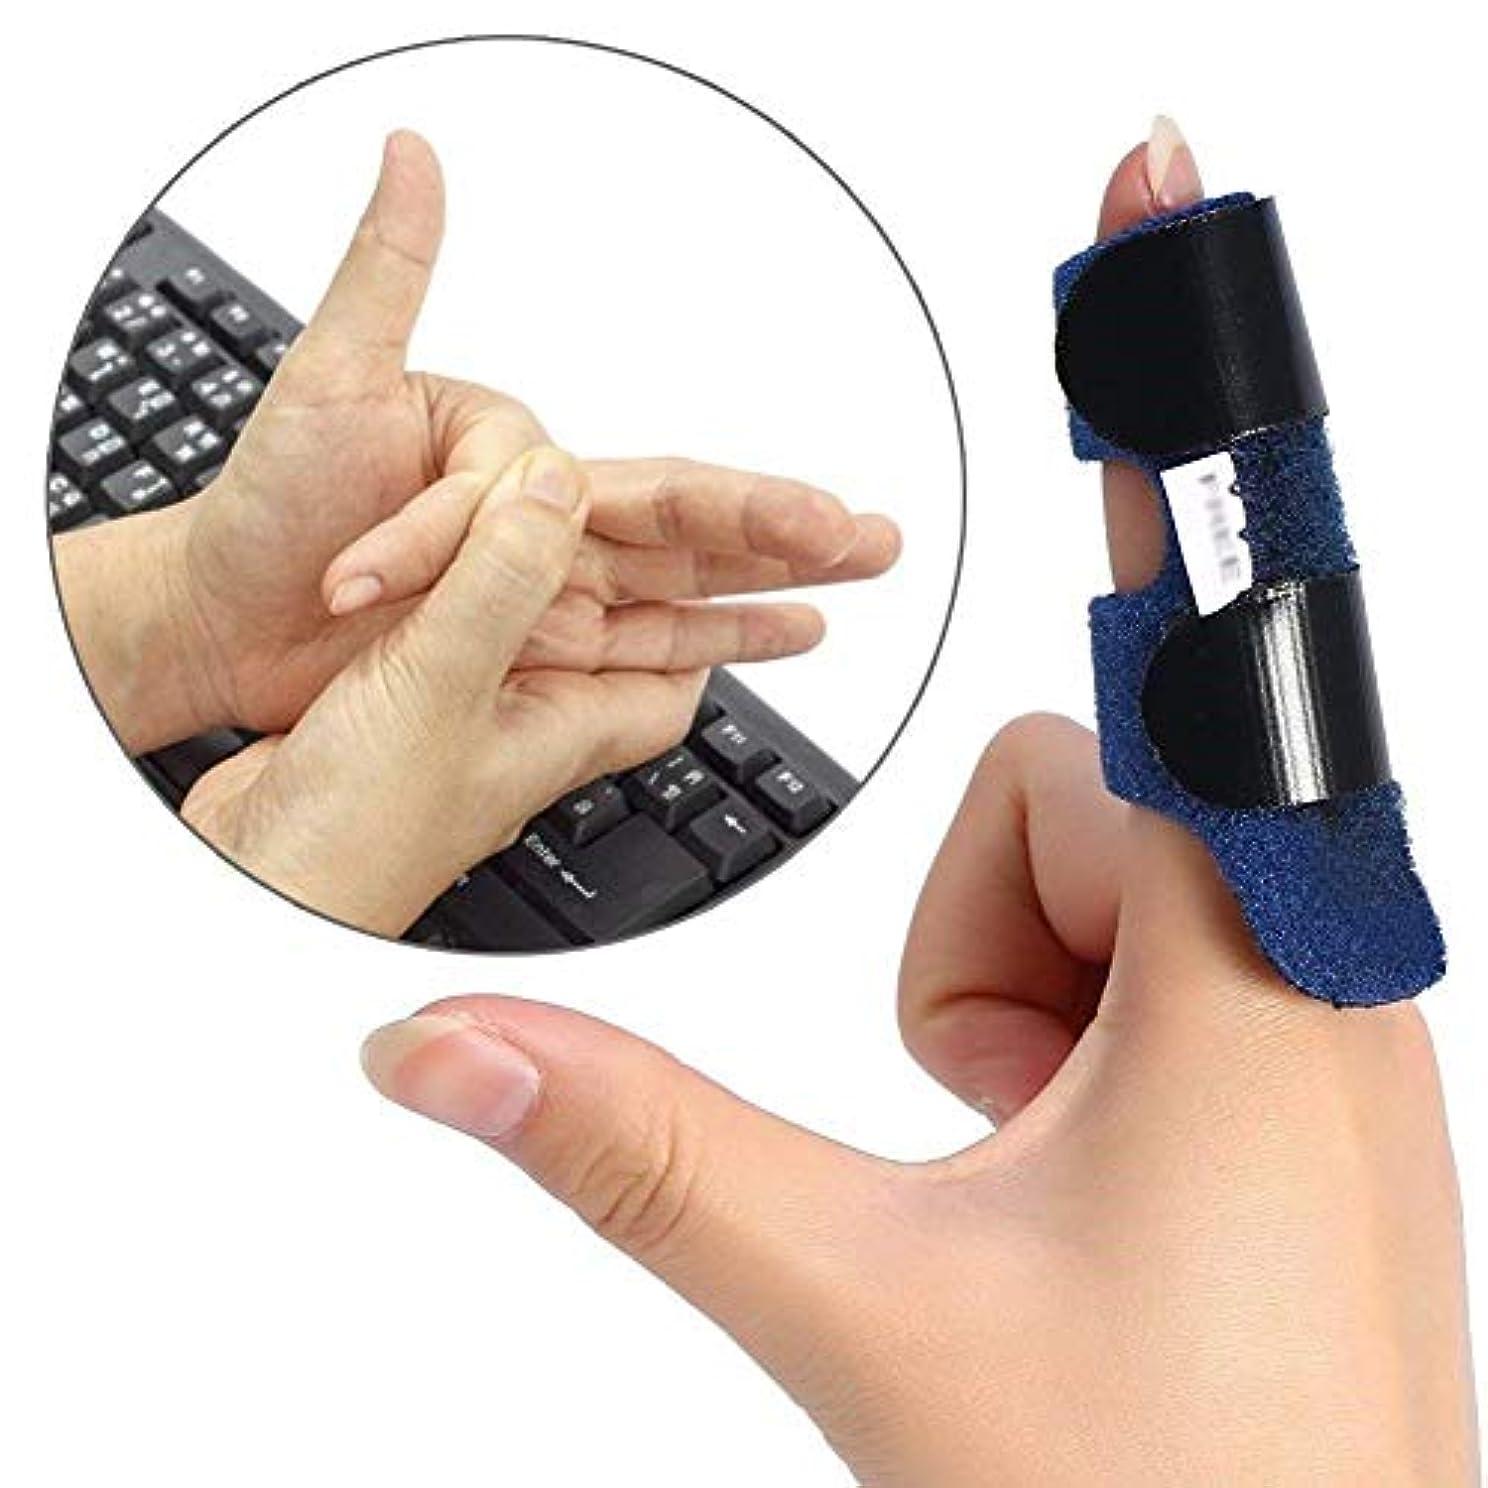 優越ただクスコすべての指トリガーの指矯正ブレースに適した指の怪我のサポート-内蔵のアルミニウム調整可能ストラップ